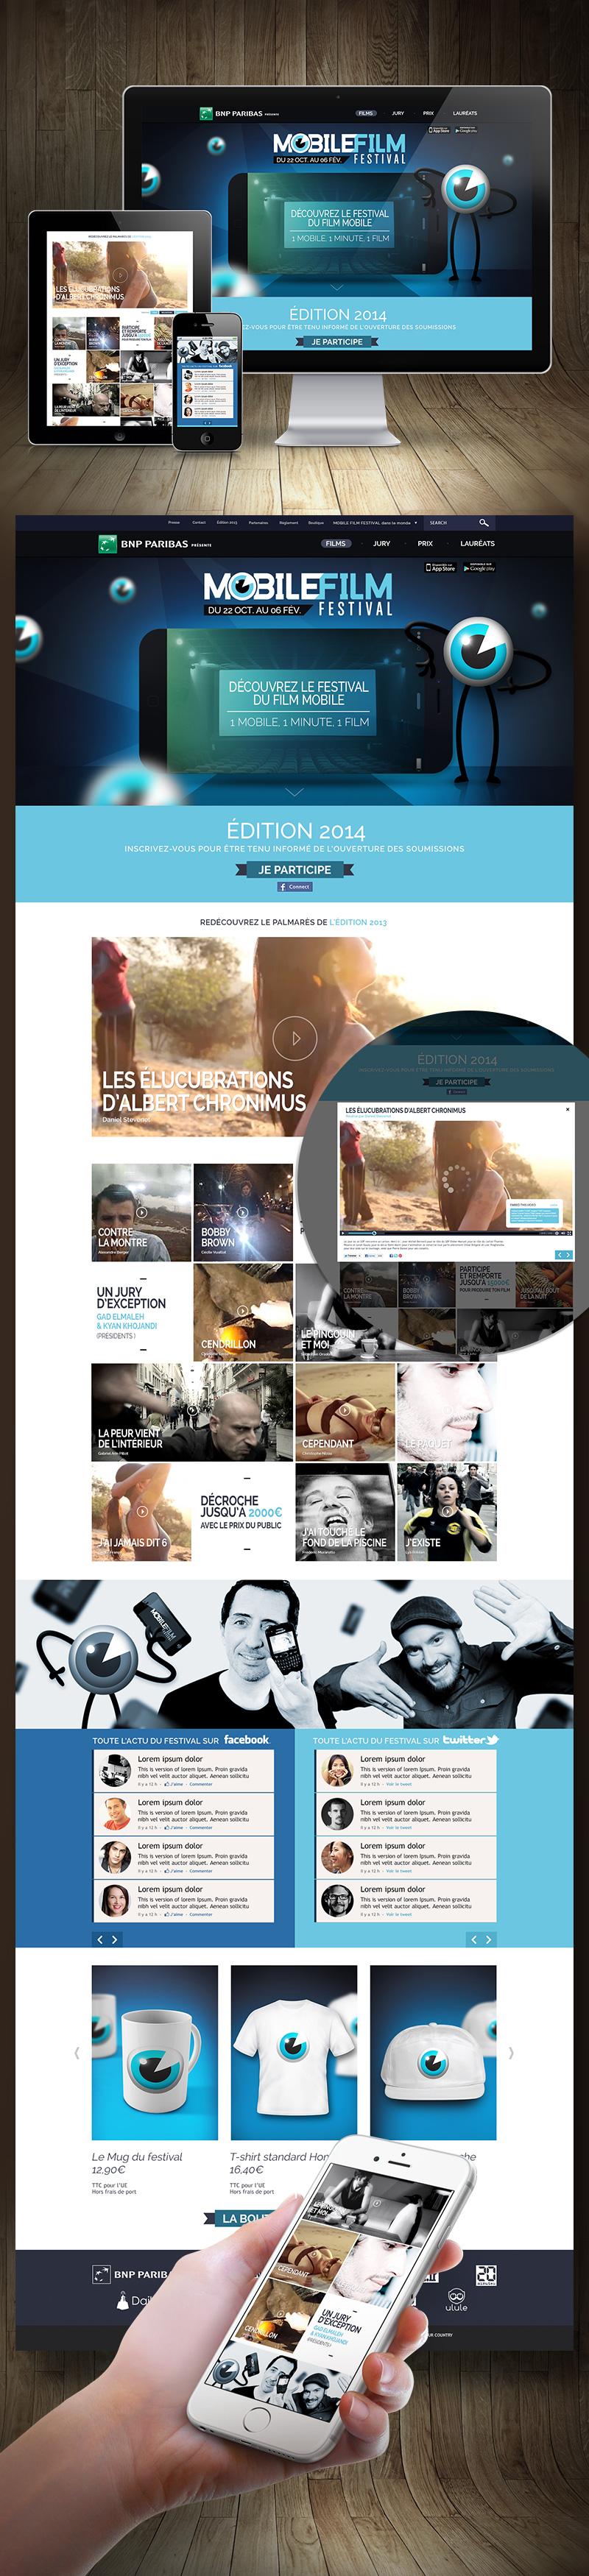 Directeur artistique freelance Portfolio Paris - Mobile Film Festival